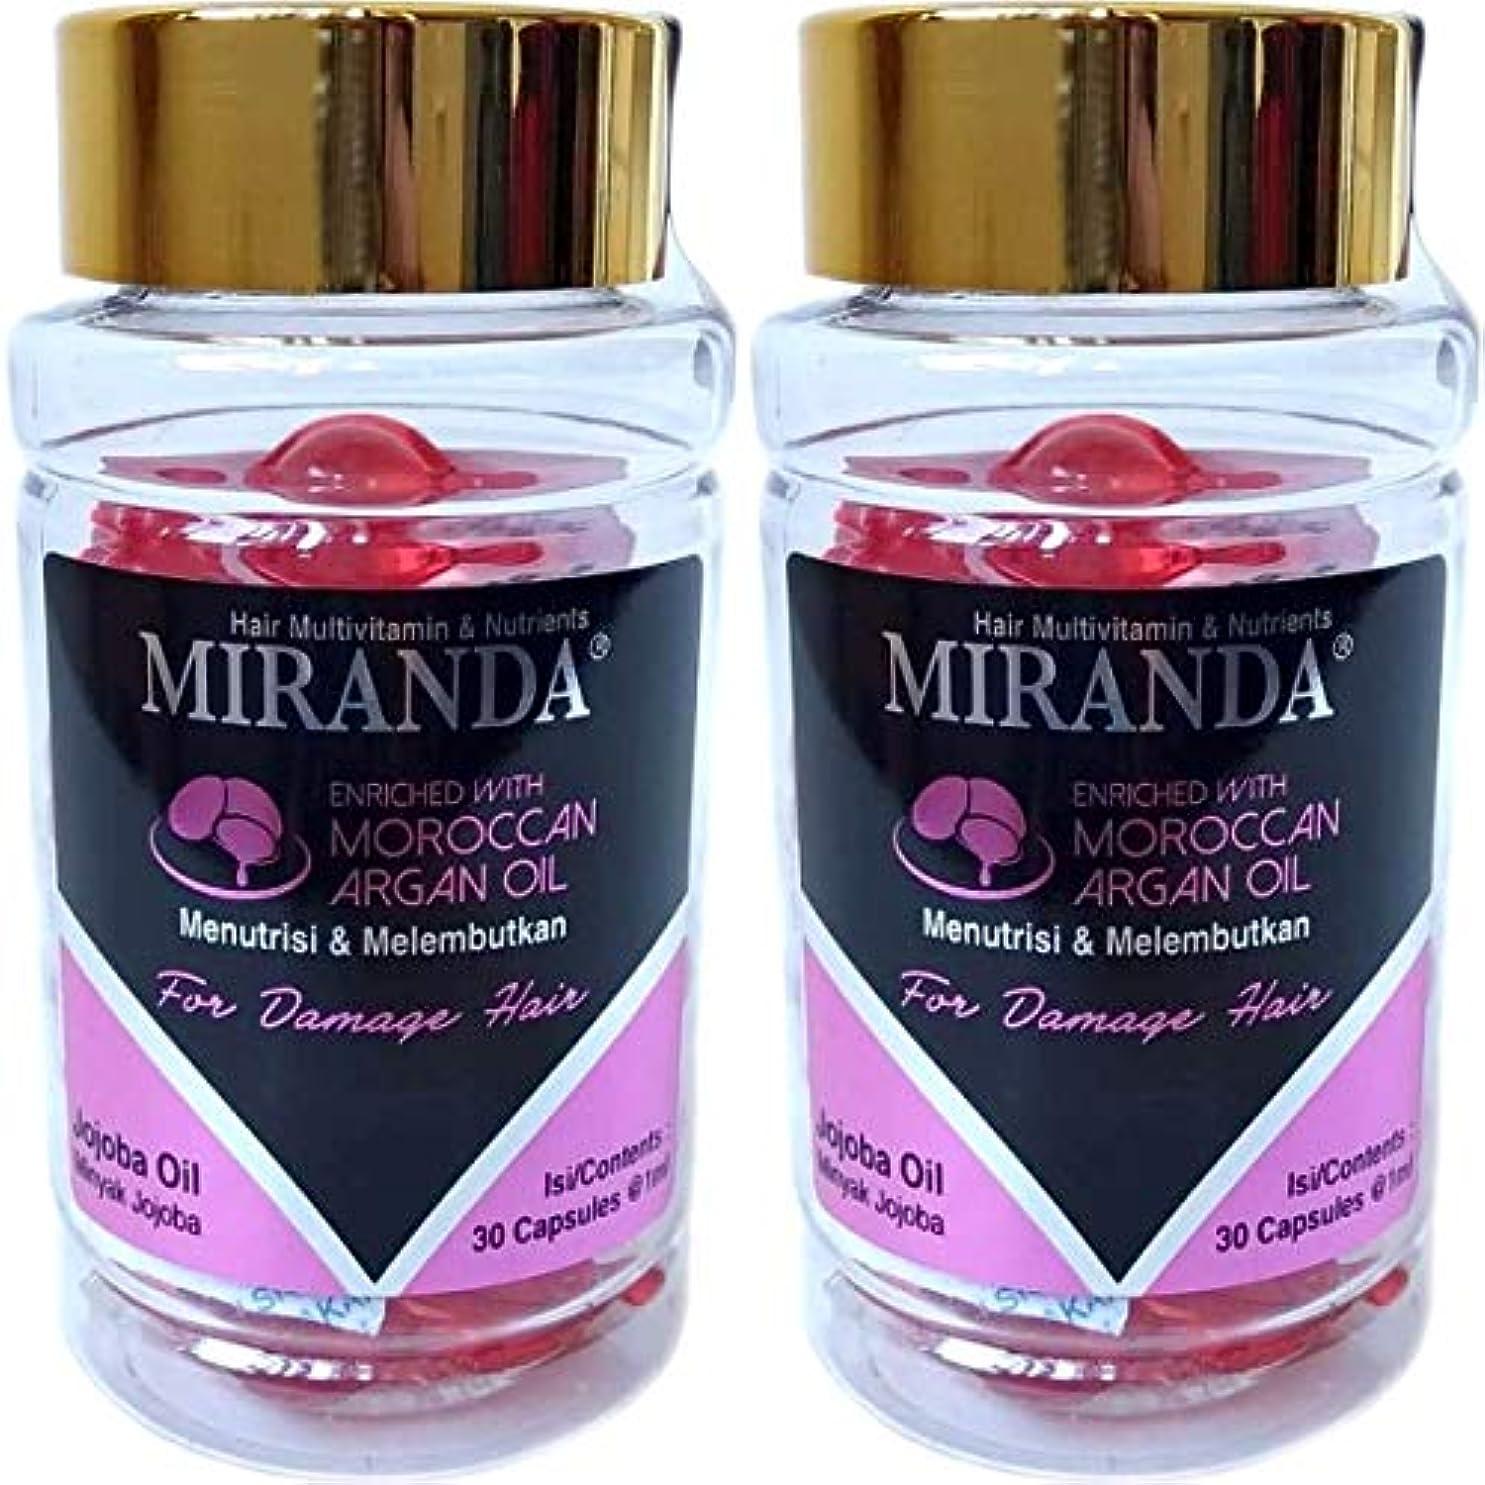 終点反対した保安MIRANDA ミランダ Hair Multivitamin&Nutrients ヘアマルチビタミン ニュートリエンツ 洗い流さないヘアトリートメント 30粒入ボトル×2個セット Jojoba oil ホホバオイル [海外直送品]